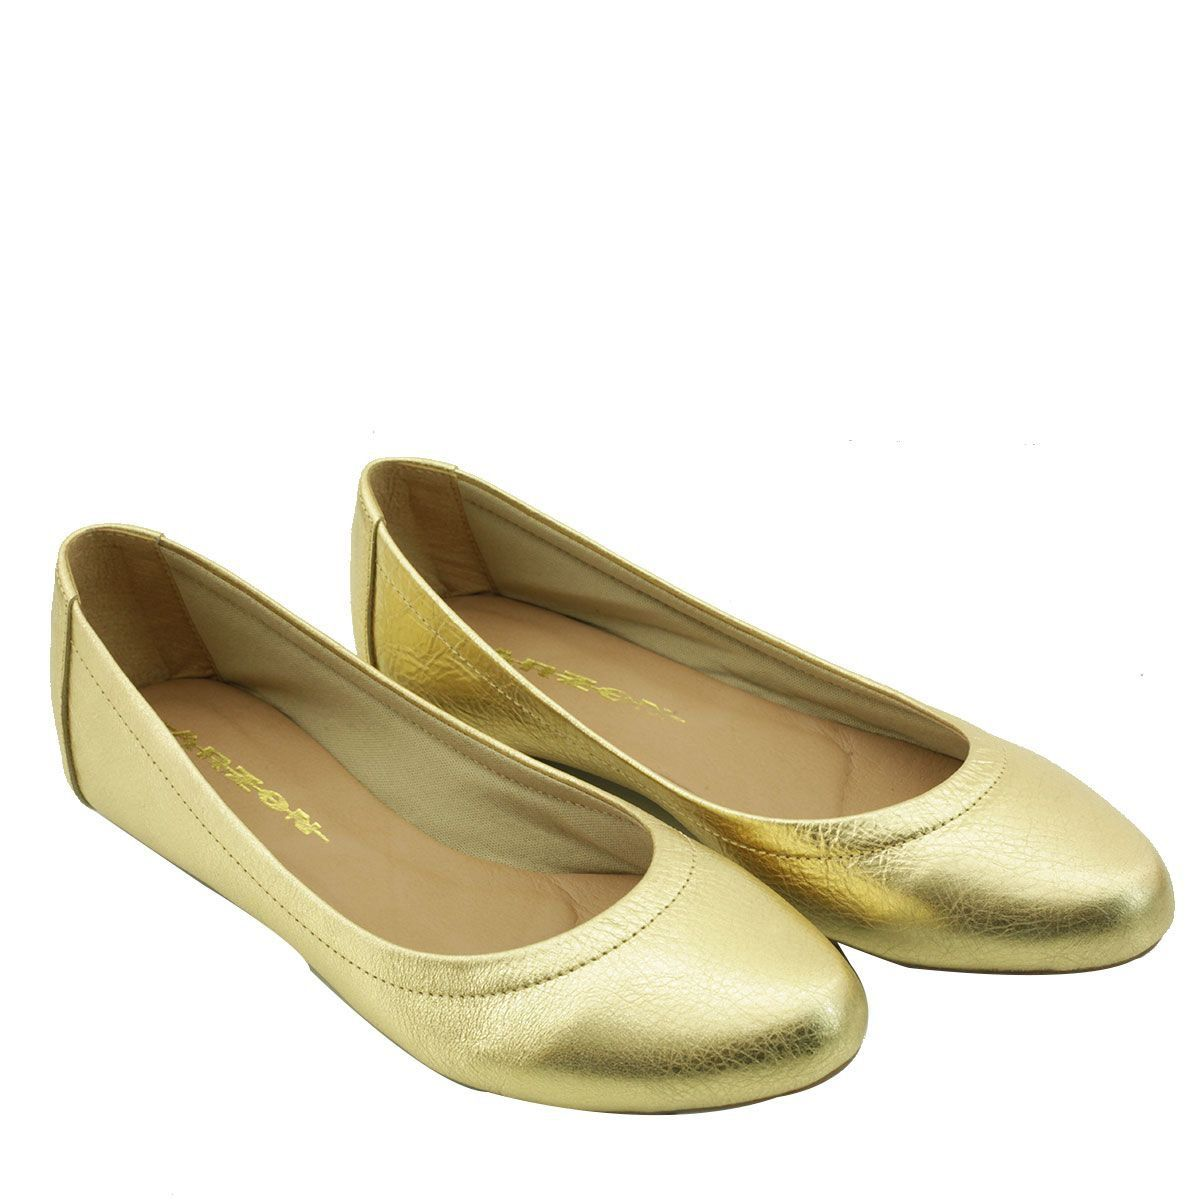 Sapatilha Feminina de Couro Dourado